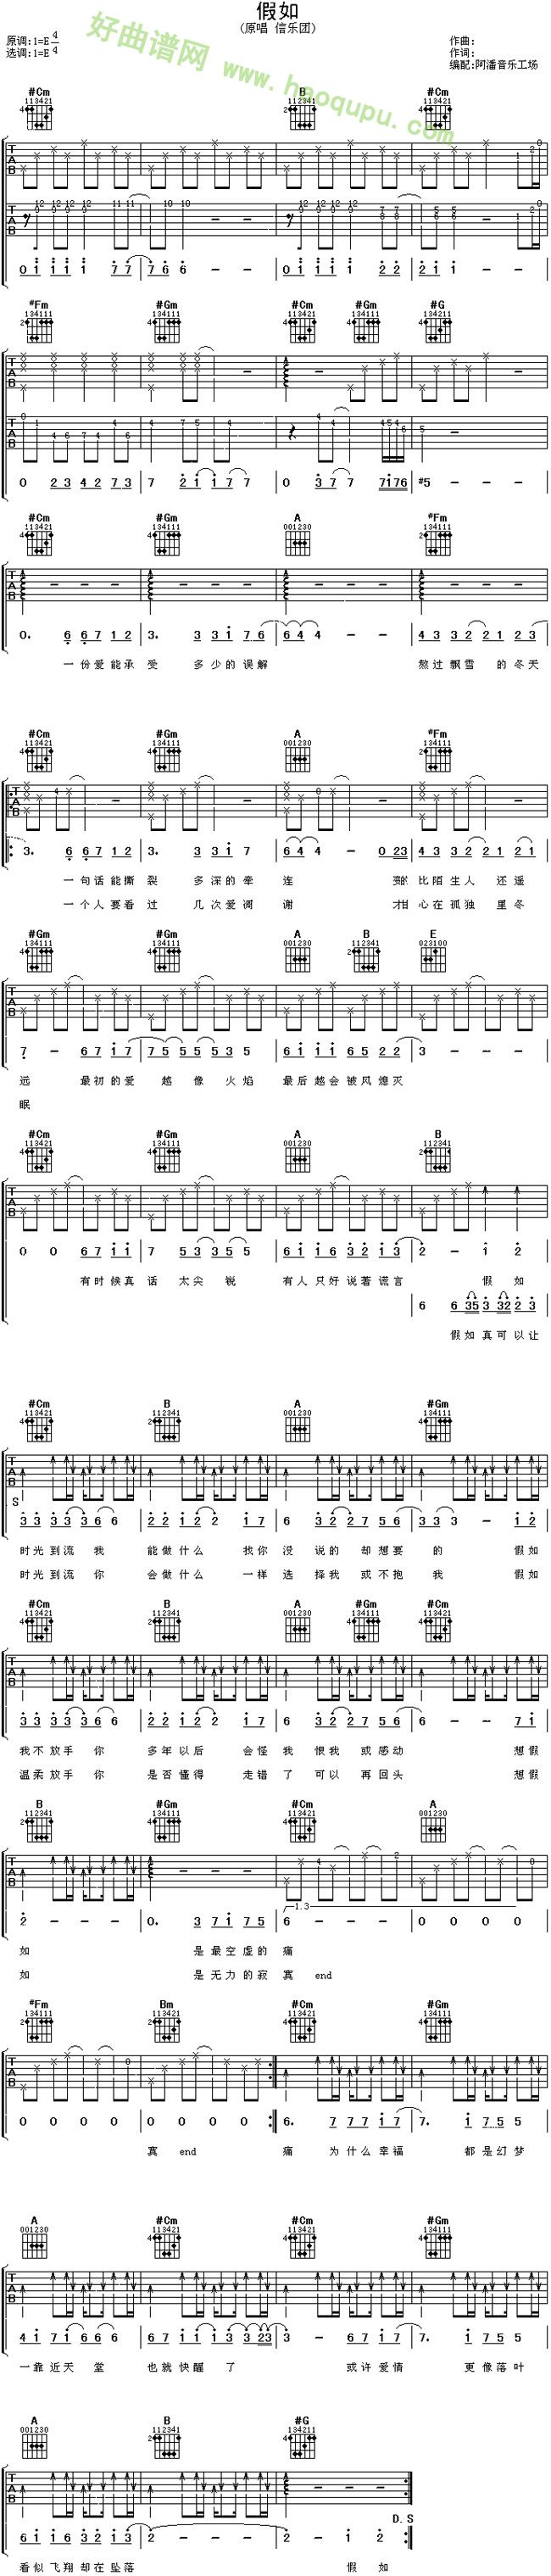 假如 信乐团 吉他谱 吉他曲谱 吉他歌谱 好曲谱网